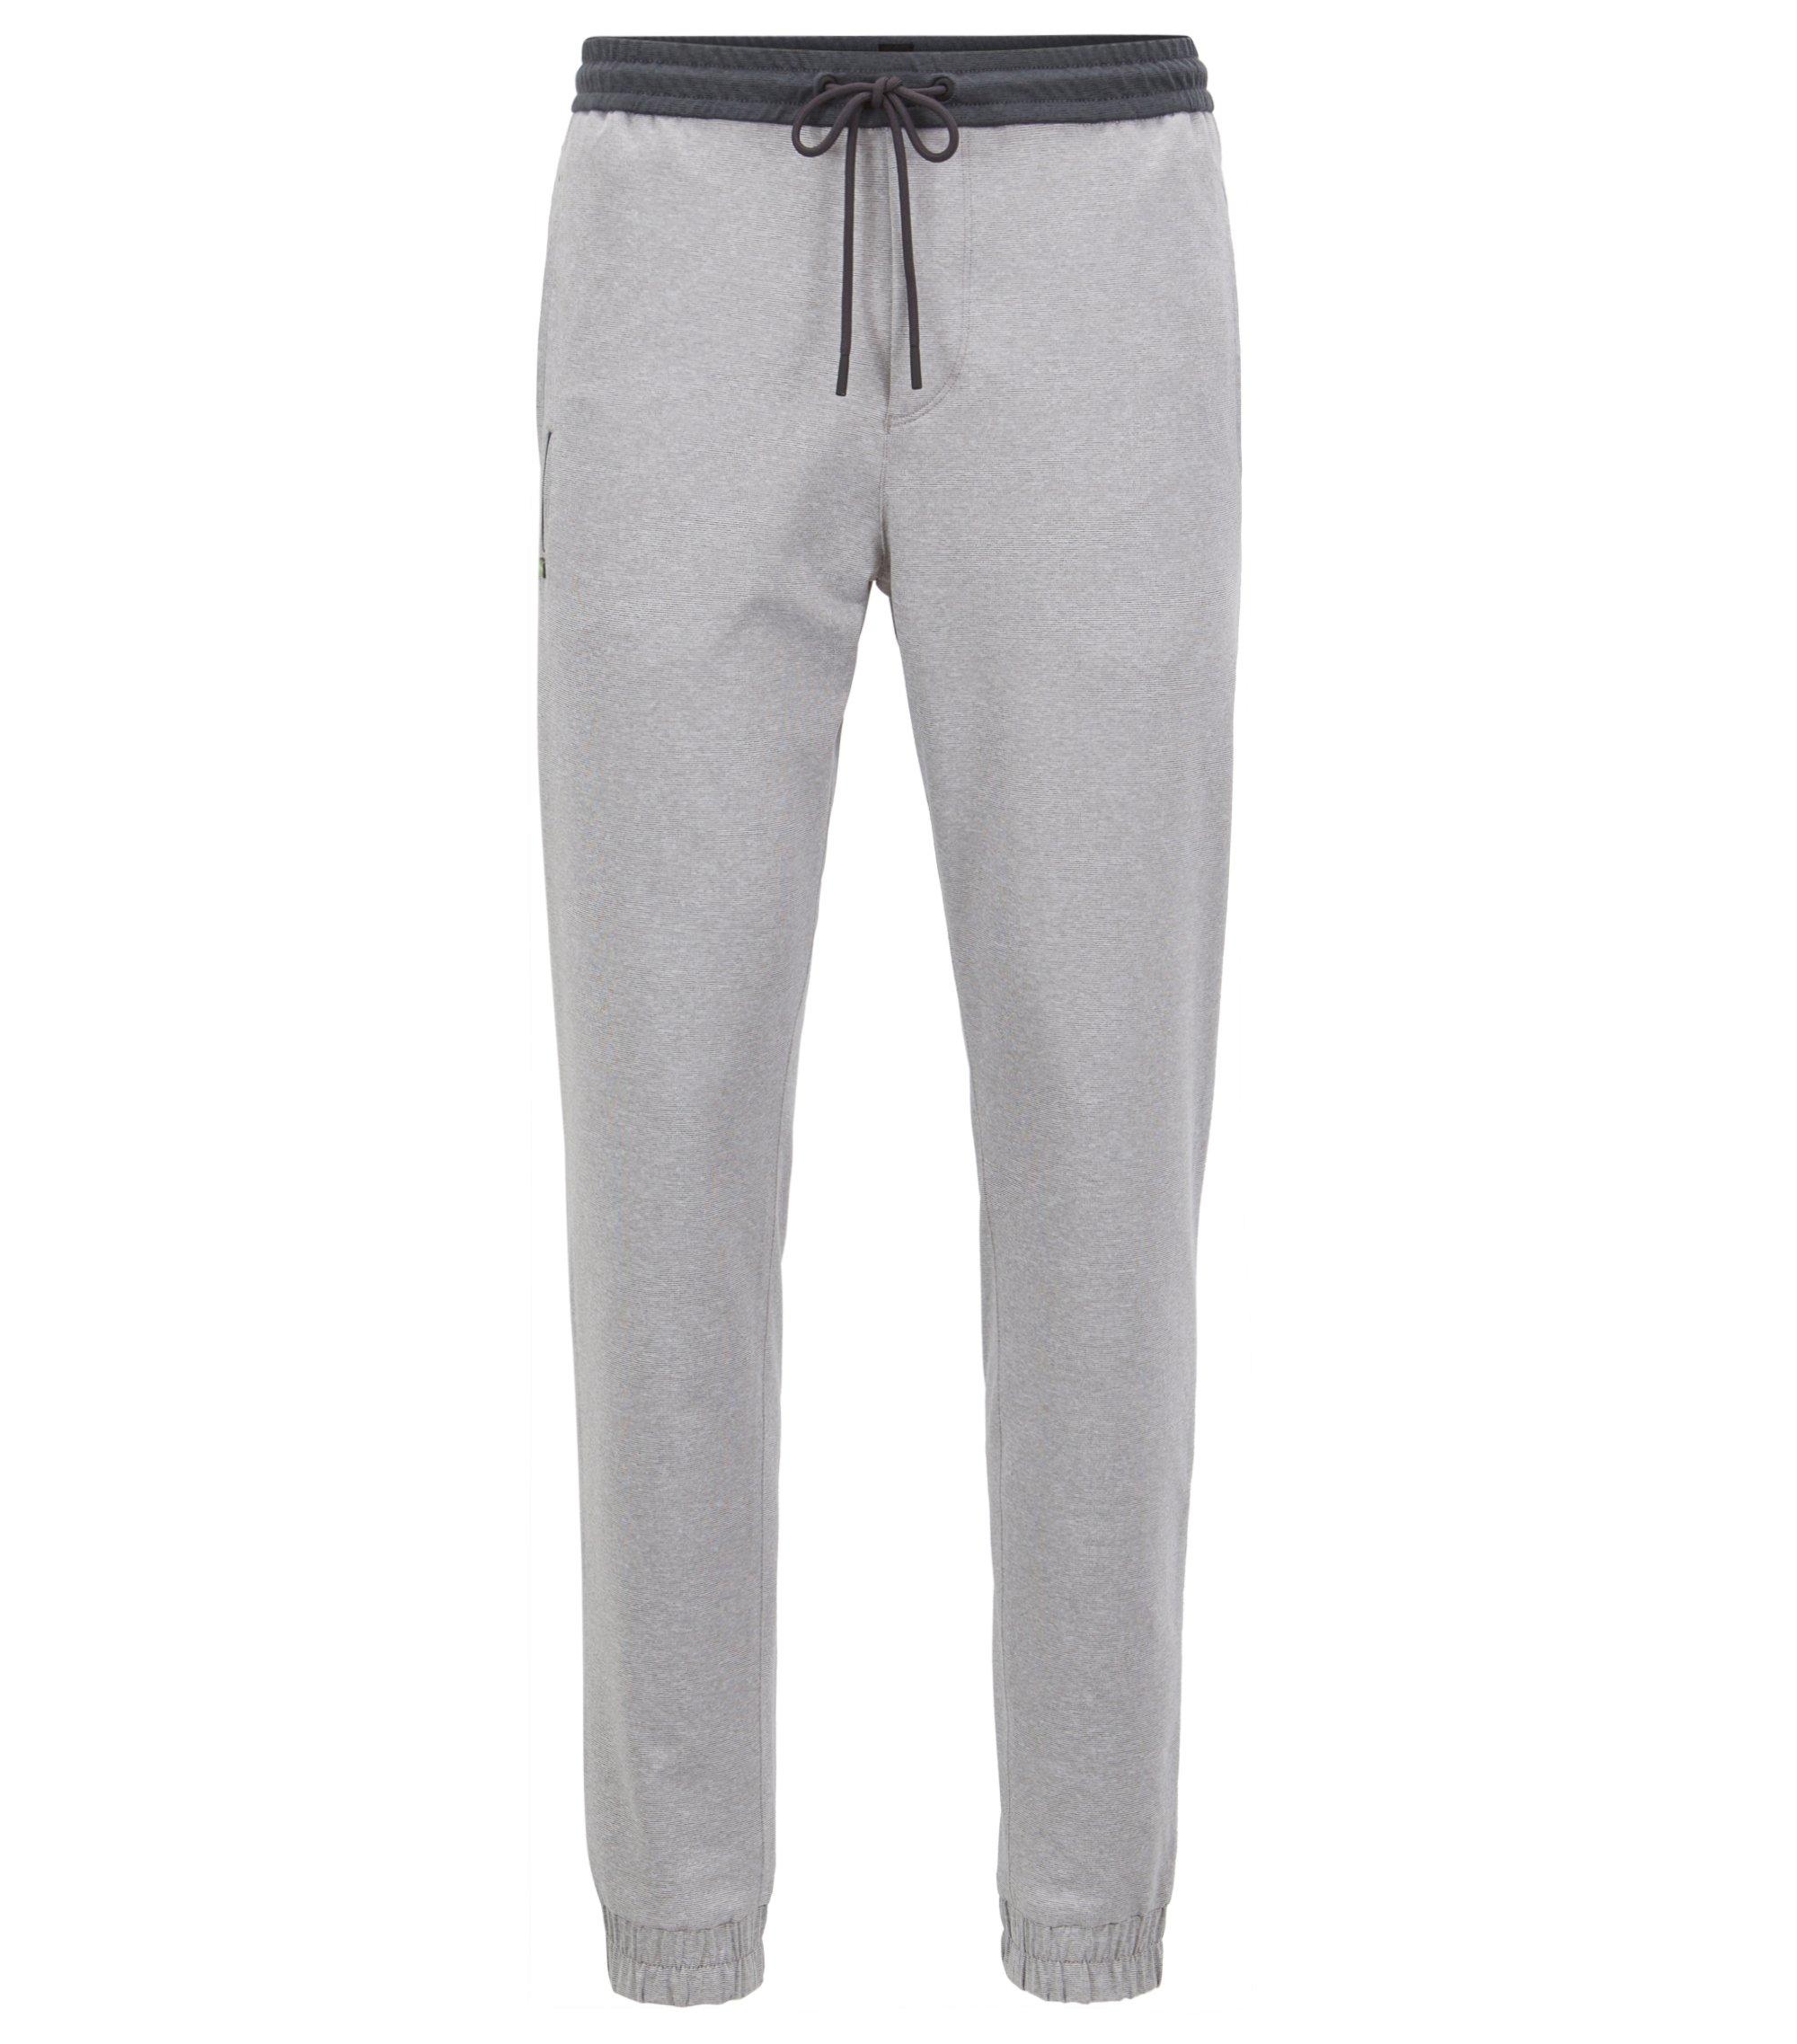 Pantalon Slim Fit en tissu chiné active-stretch, resserré au bas des jambes, Gris chiné